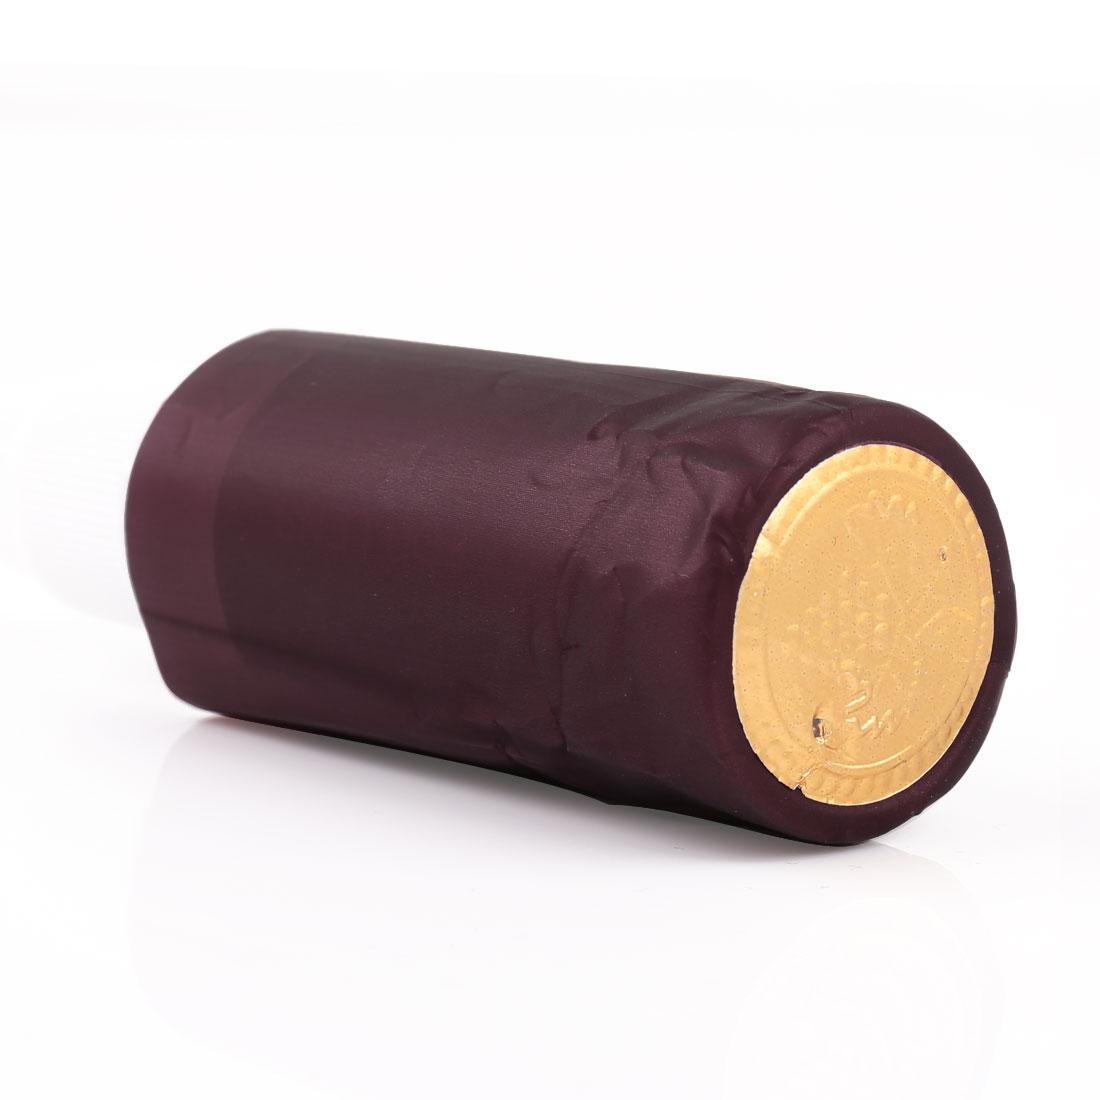 Gold Tone Burgundy PVC Wine Shrink Capsules for Wine Bottles